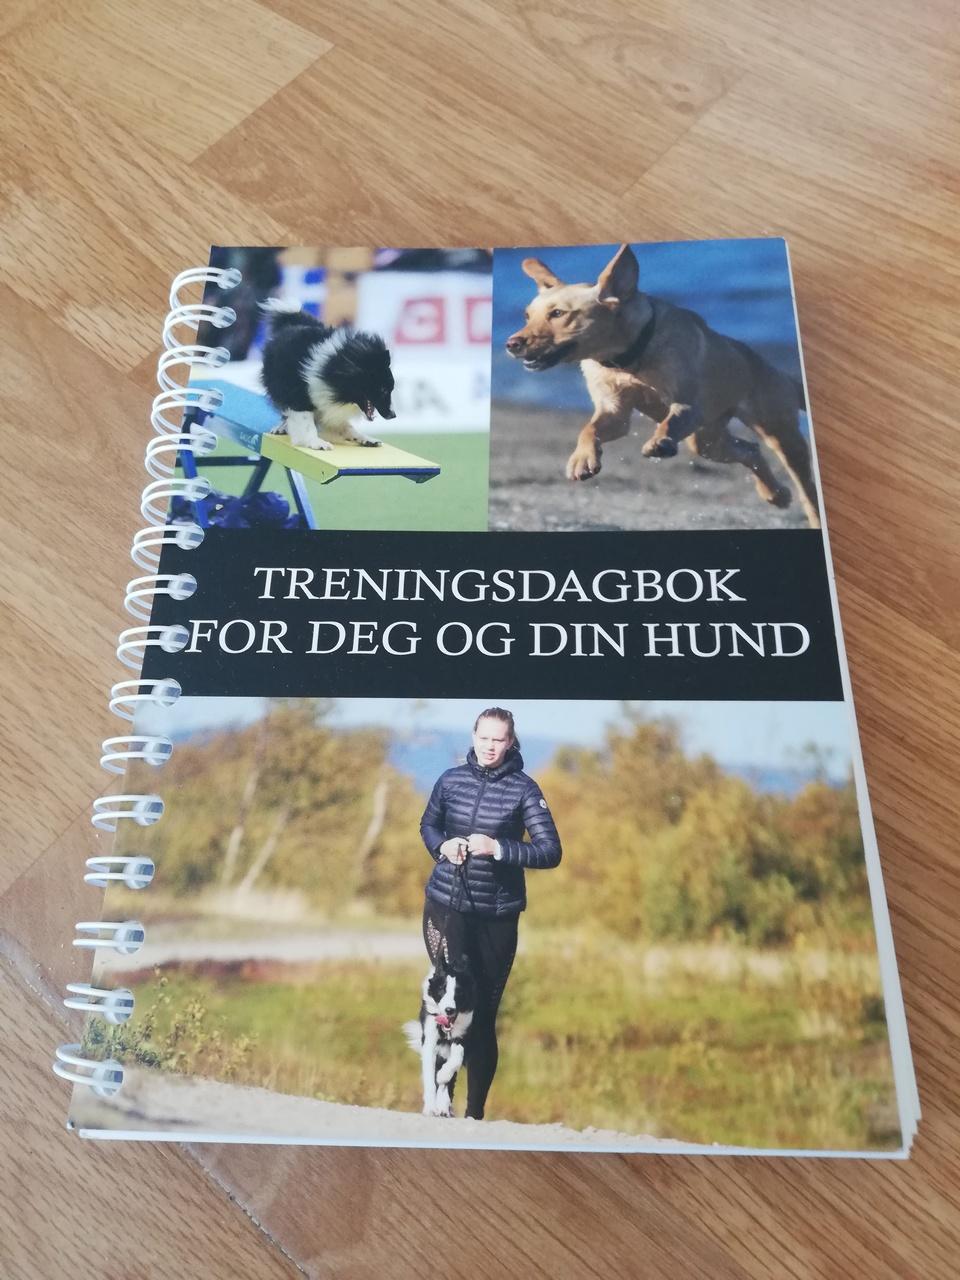 www hunden no